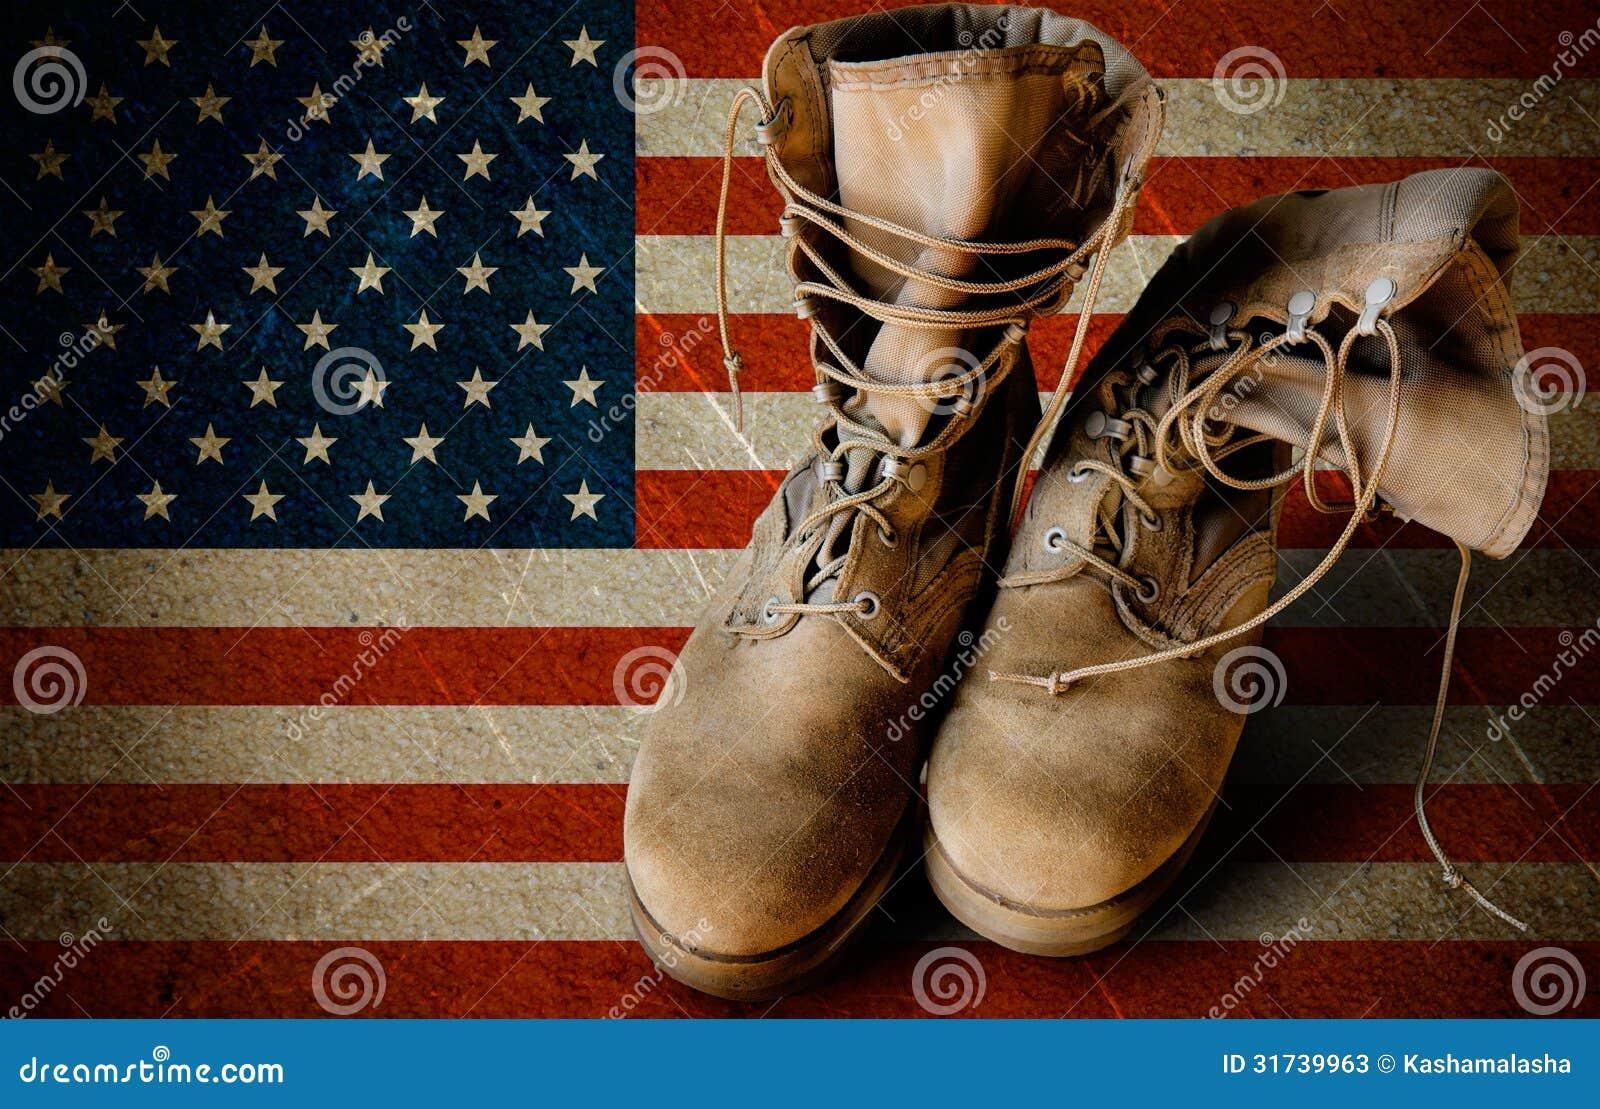 Μπότες στρατού στο αμμώδες υπόβαθρο σημαιών